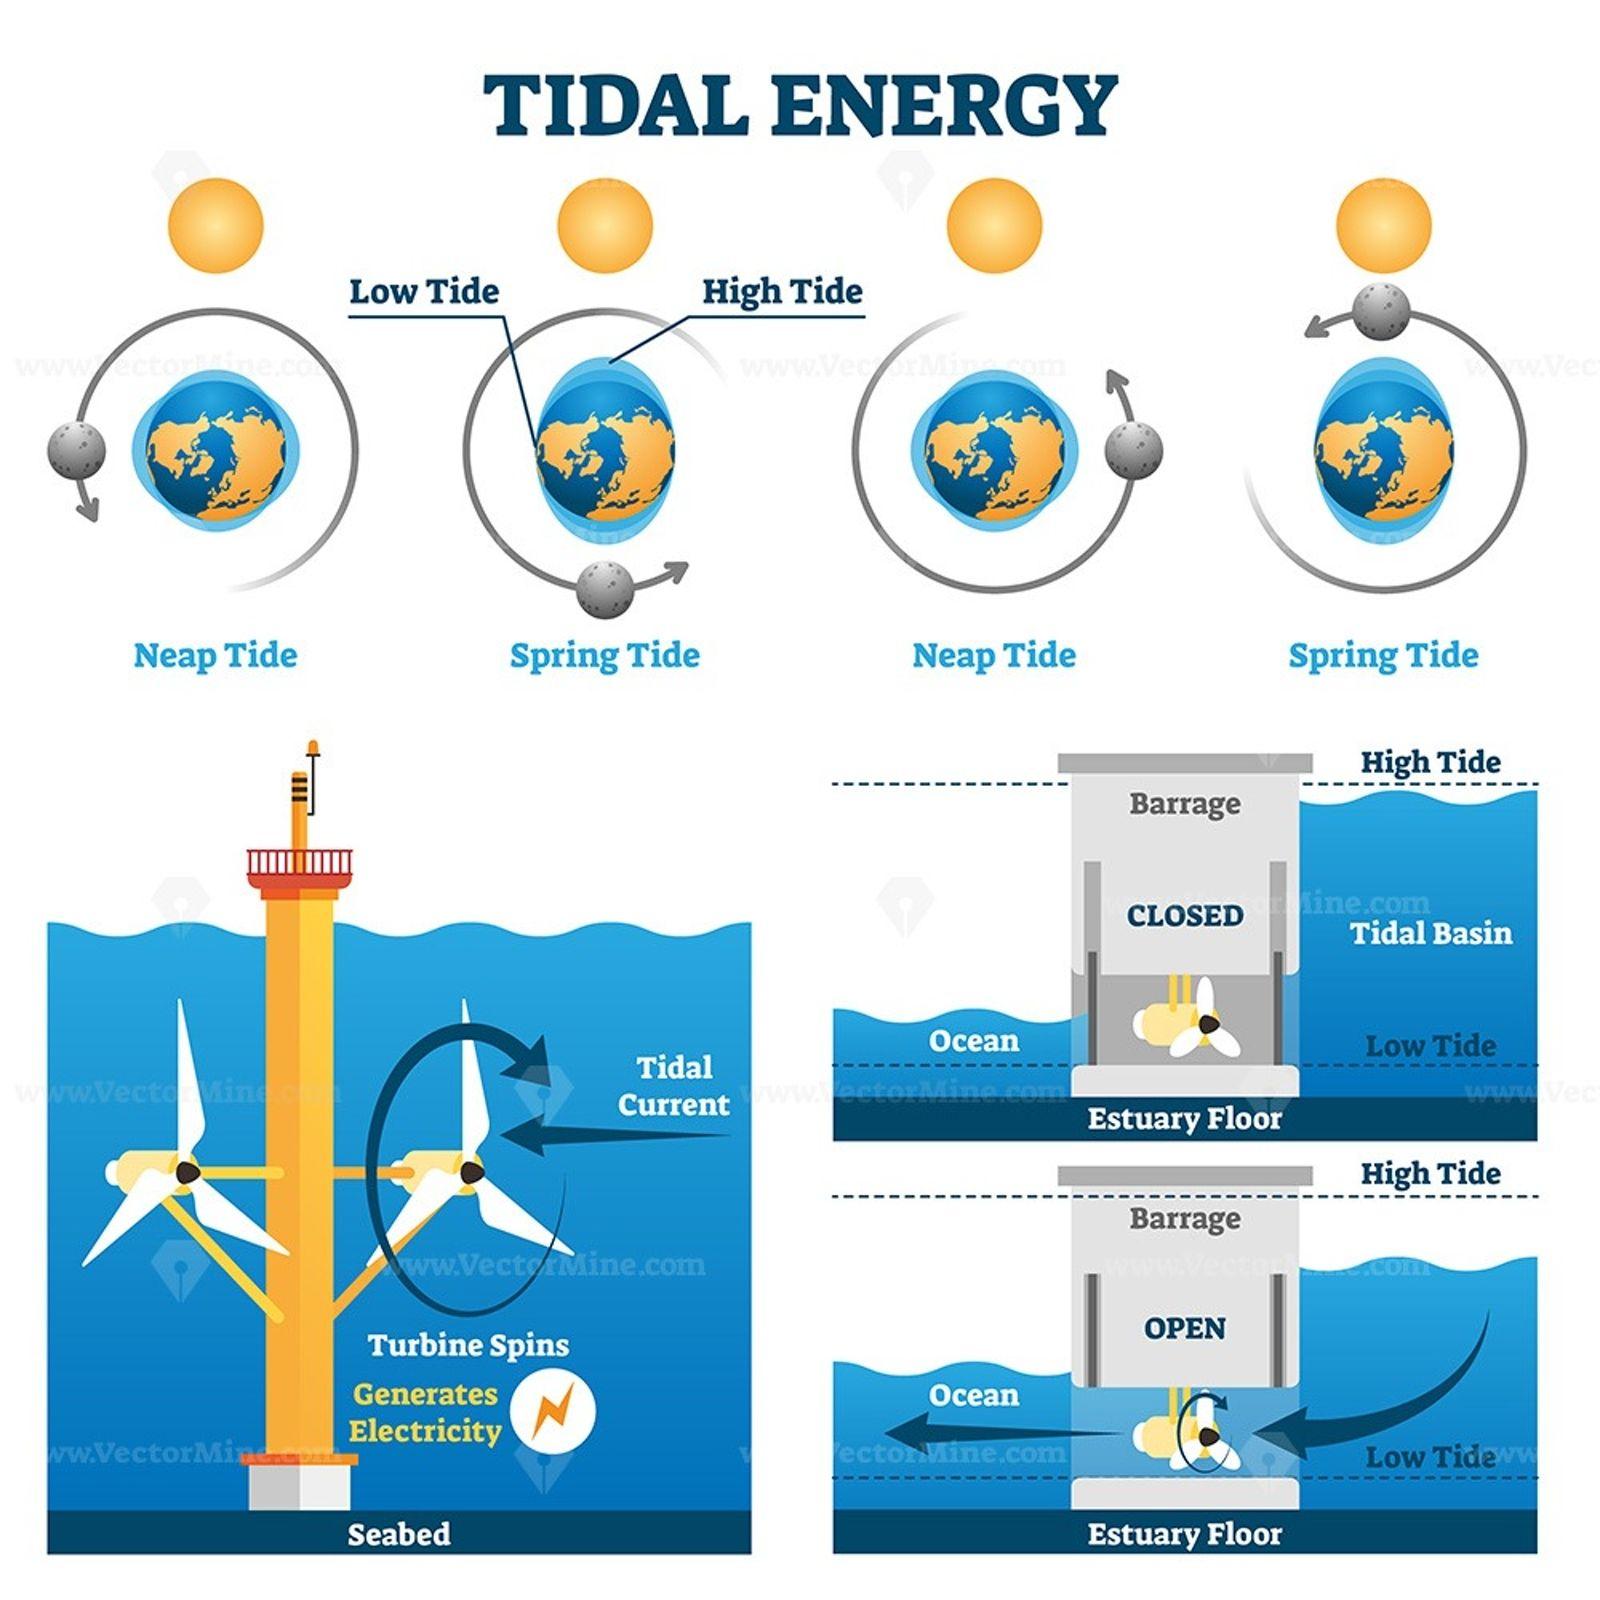 Tidal energy vector illustration Tidal energy, Tidal